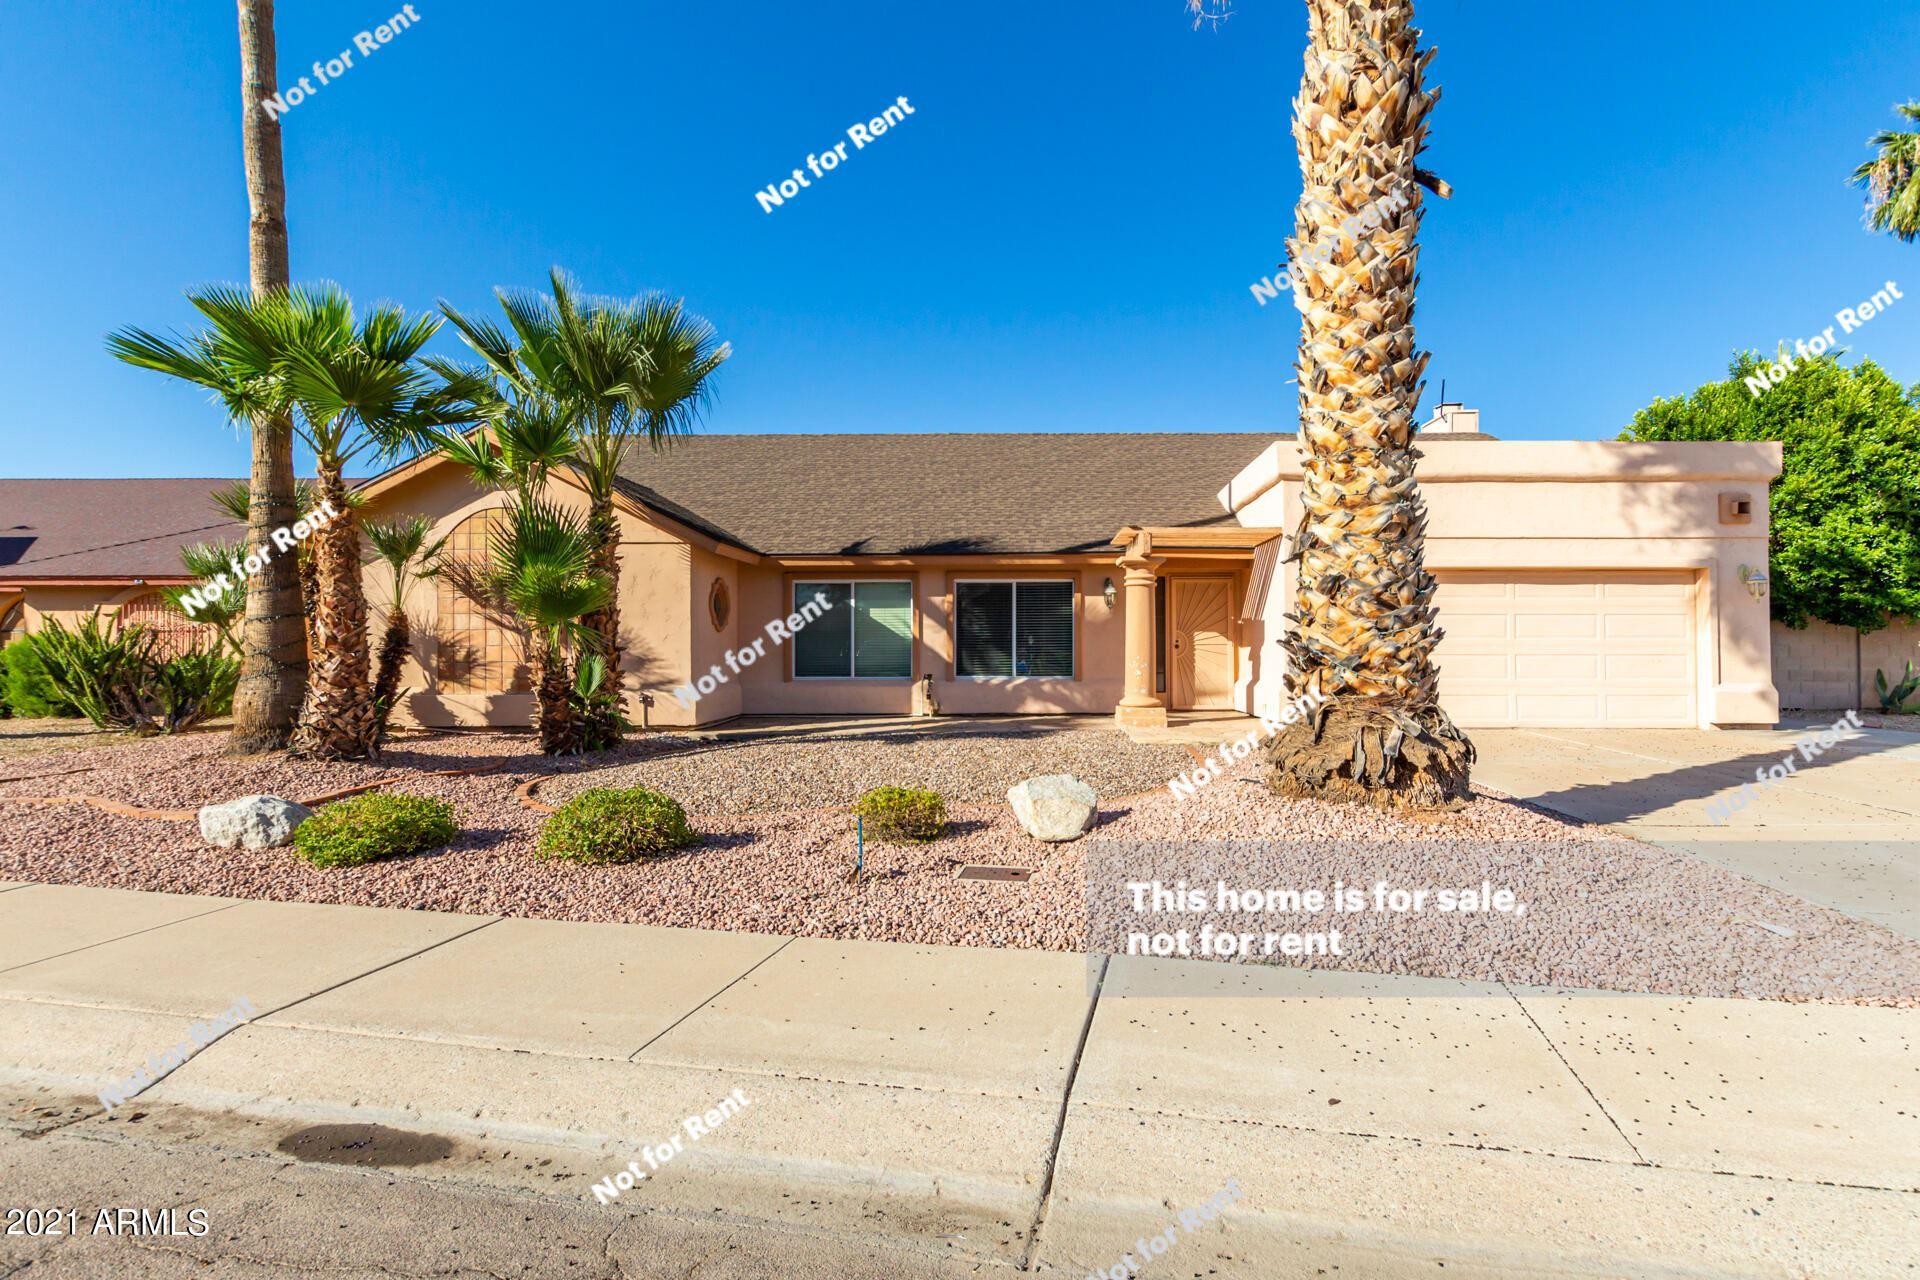 Photo of 4130 W QUESTA Drive, Glendale, AZ 85310 (MLS # 6307302)